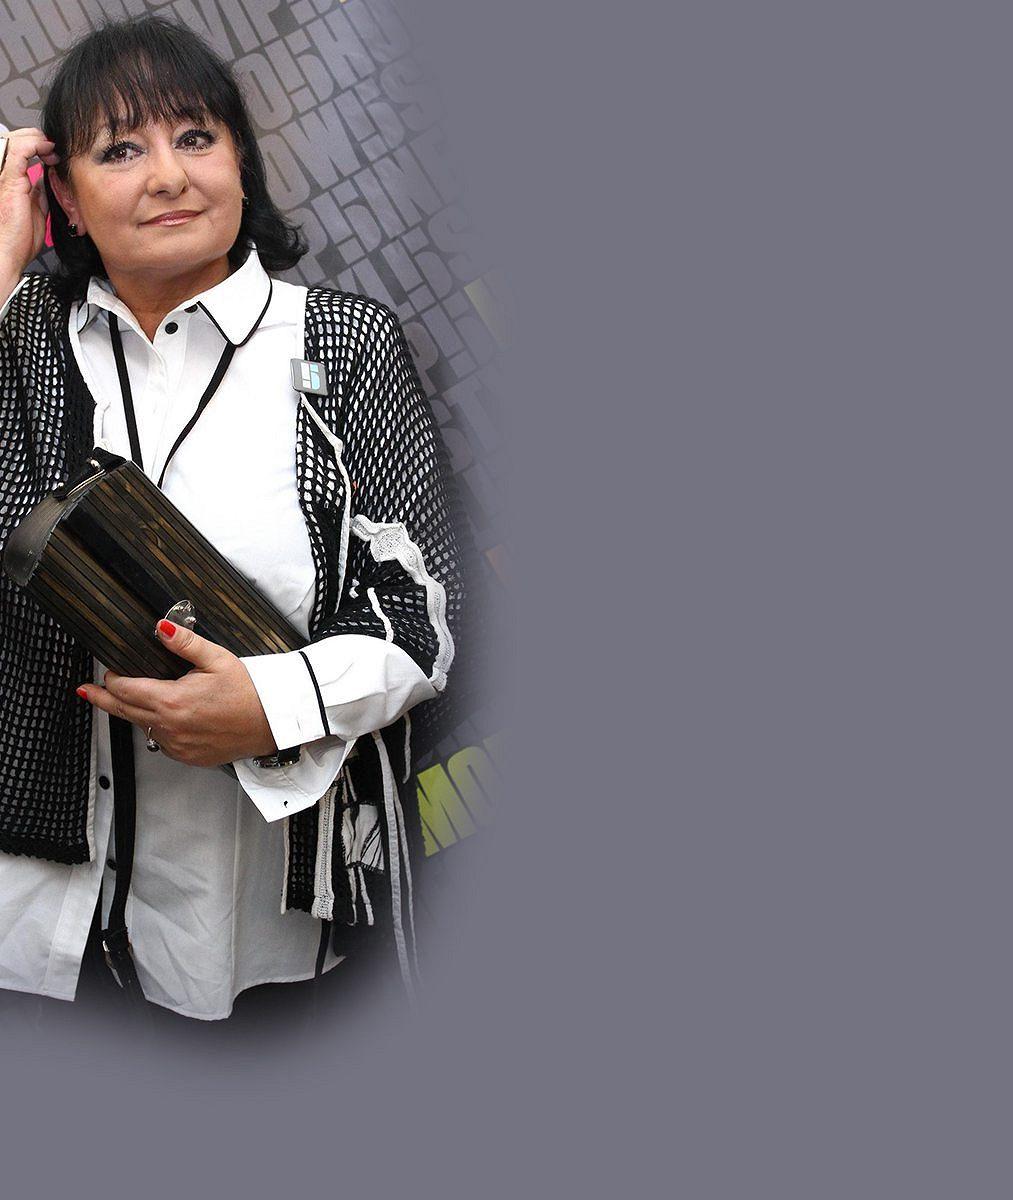 Jan Rosák vzpomíná na kolegyni Evu Jurinovou (✝67): Byla to poslední opravdová moderátorka, žádná misska